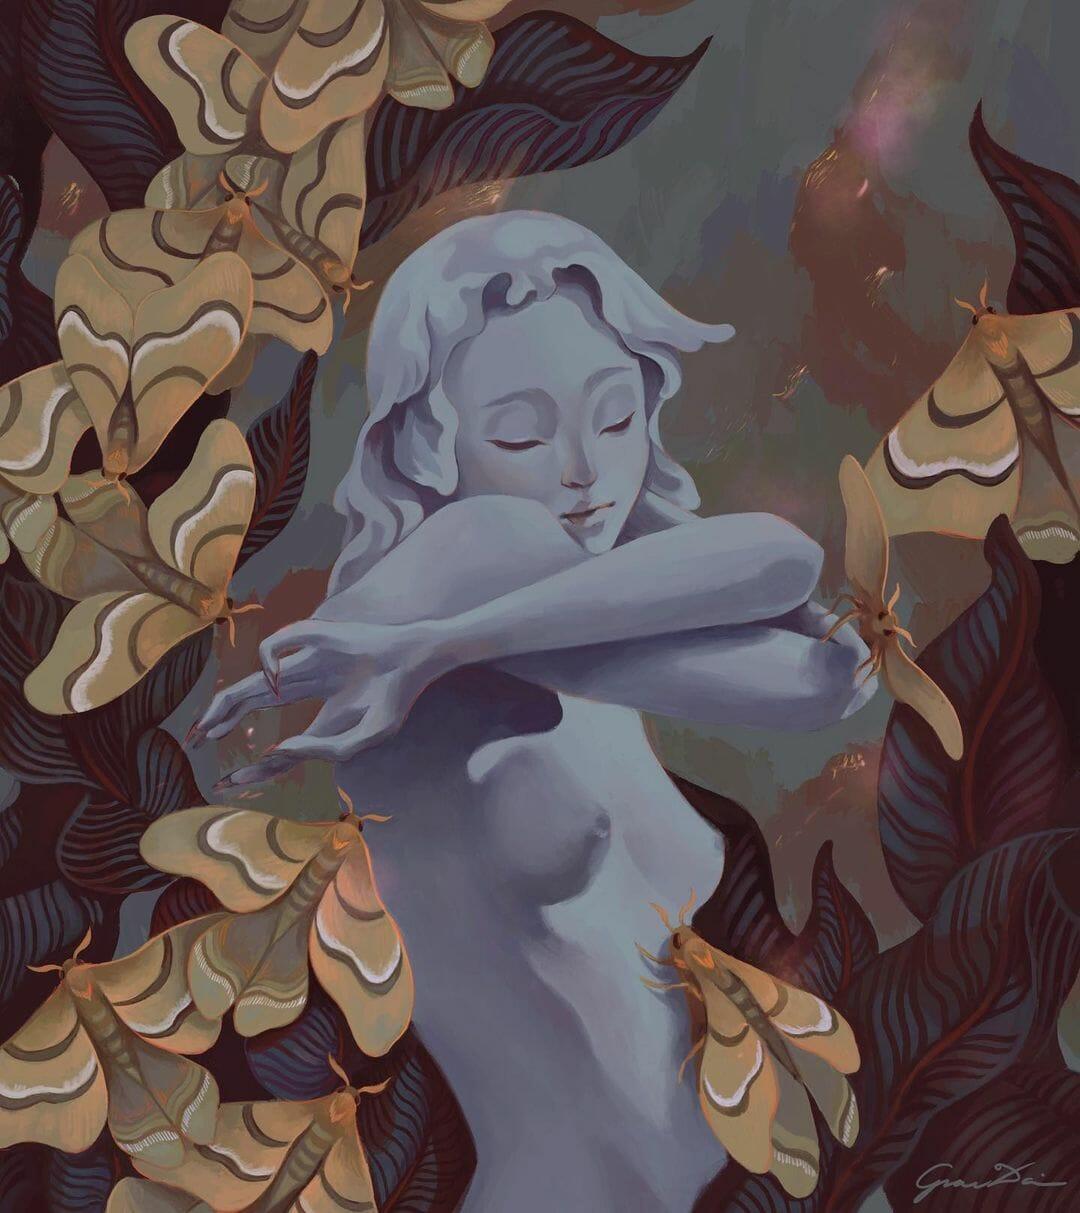 Une jeune femme torse nue, la peau semblable à celle d'une statue, des feuilles et de gros papillons l'entourent